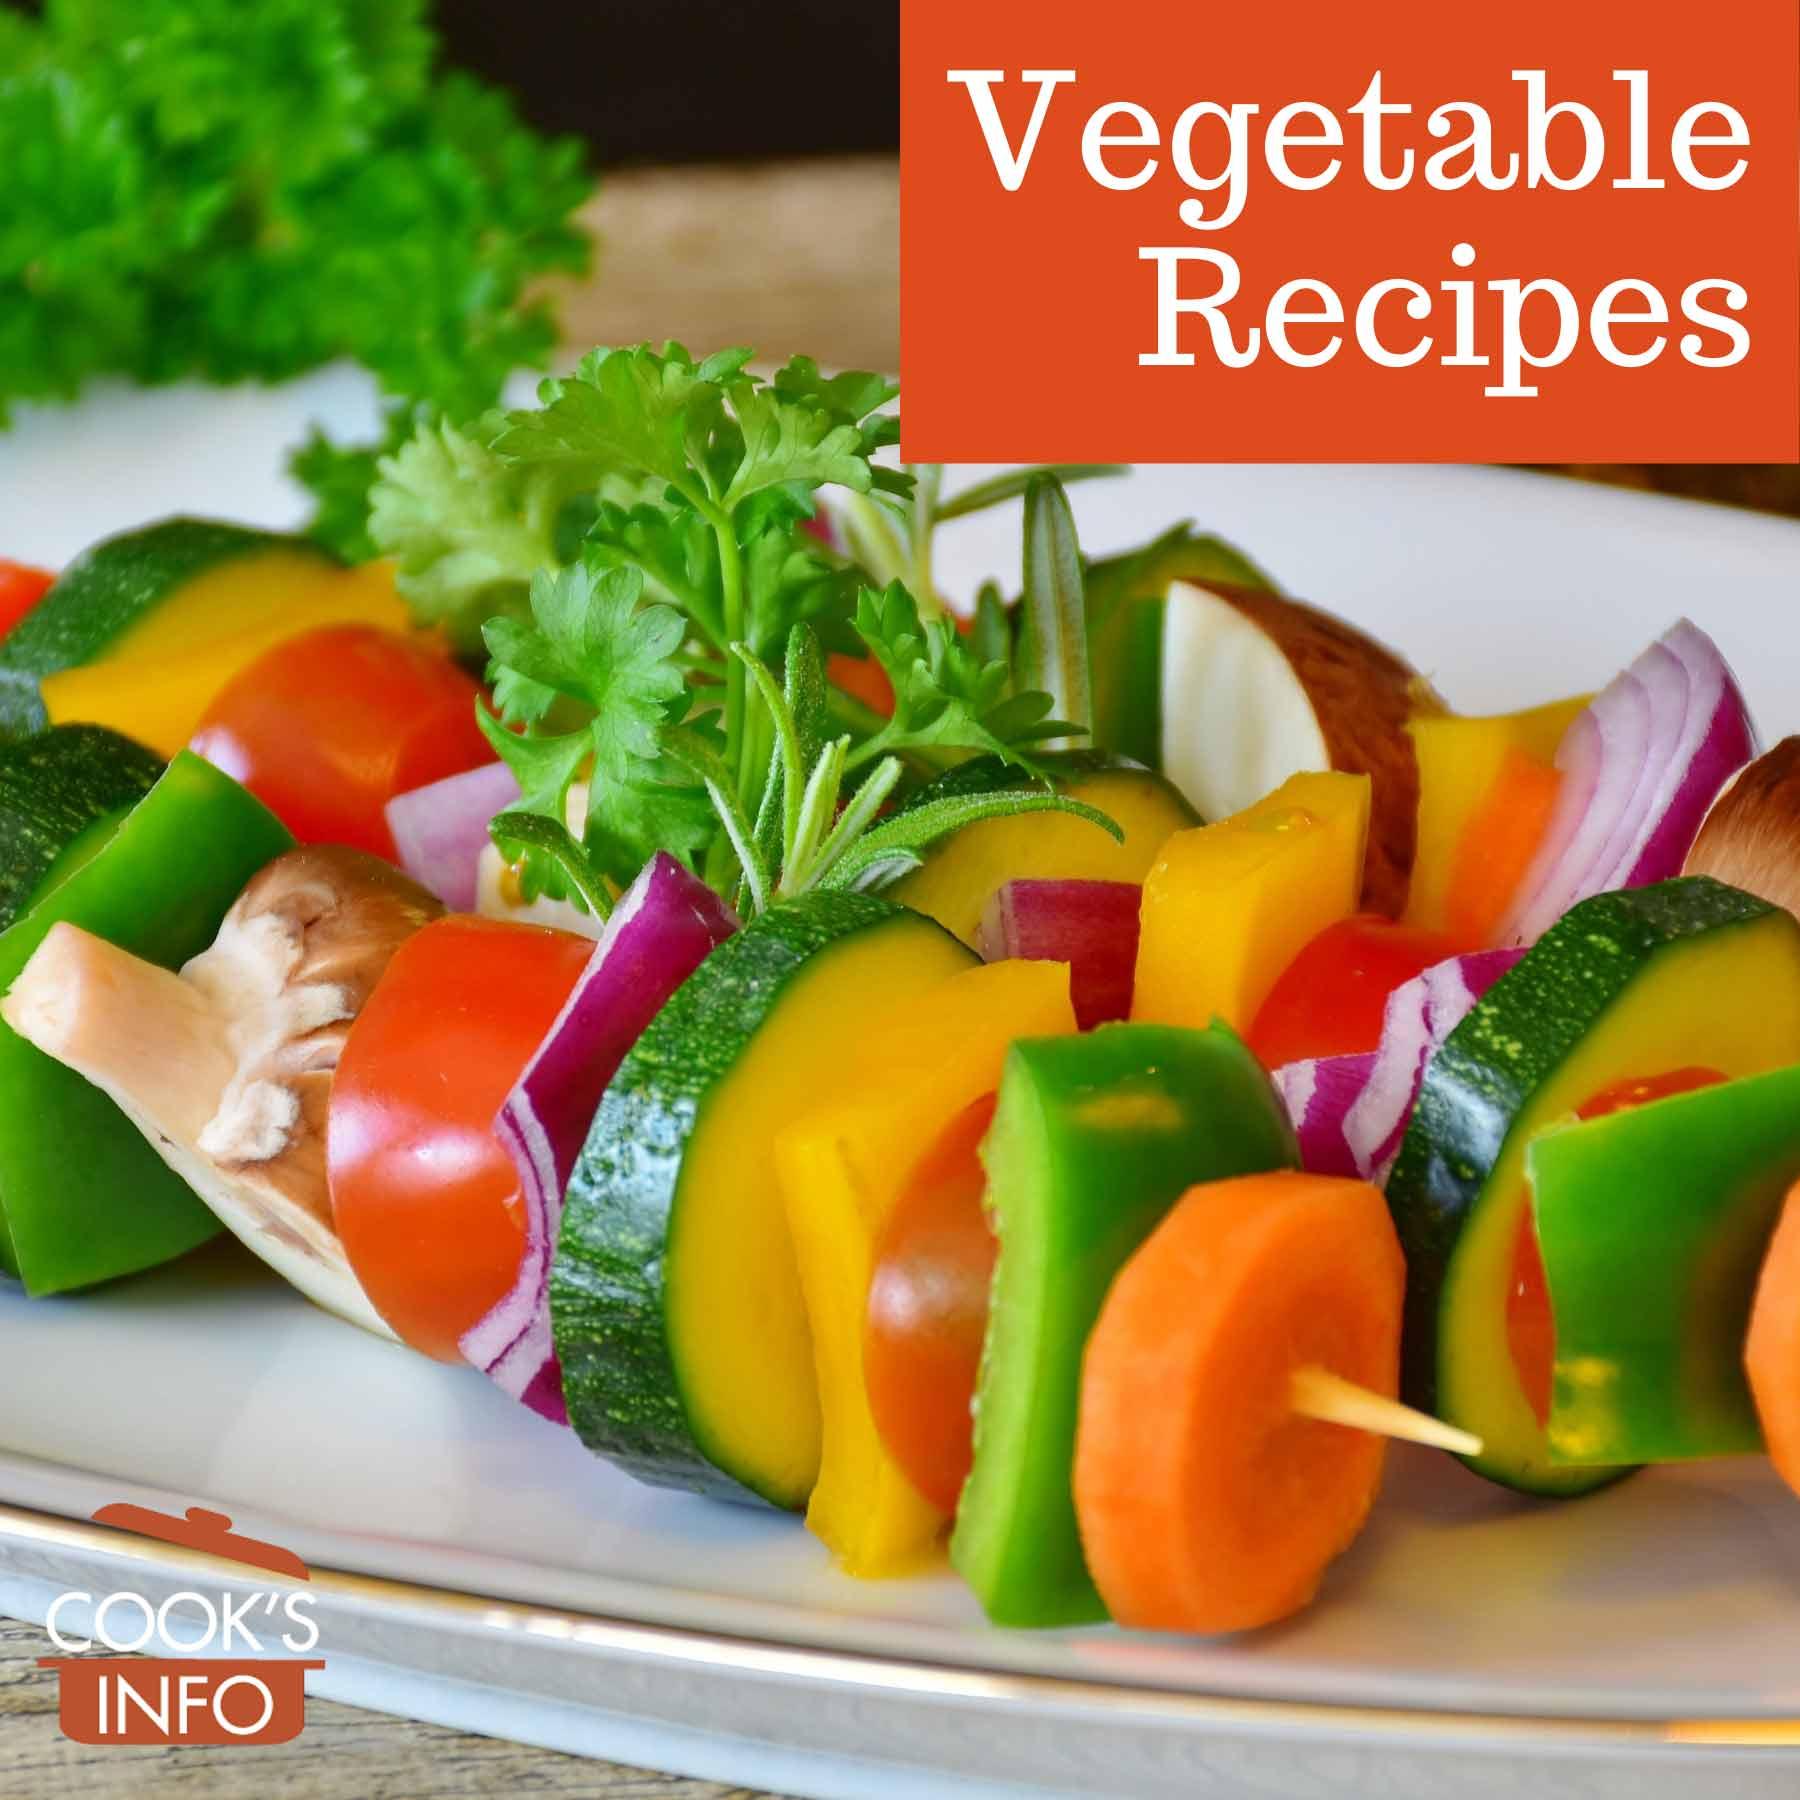 Raw sliced vegetables on skewers